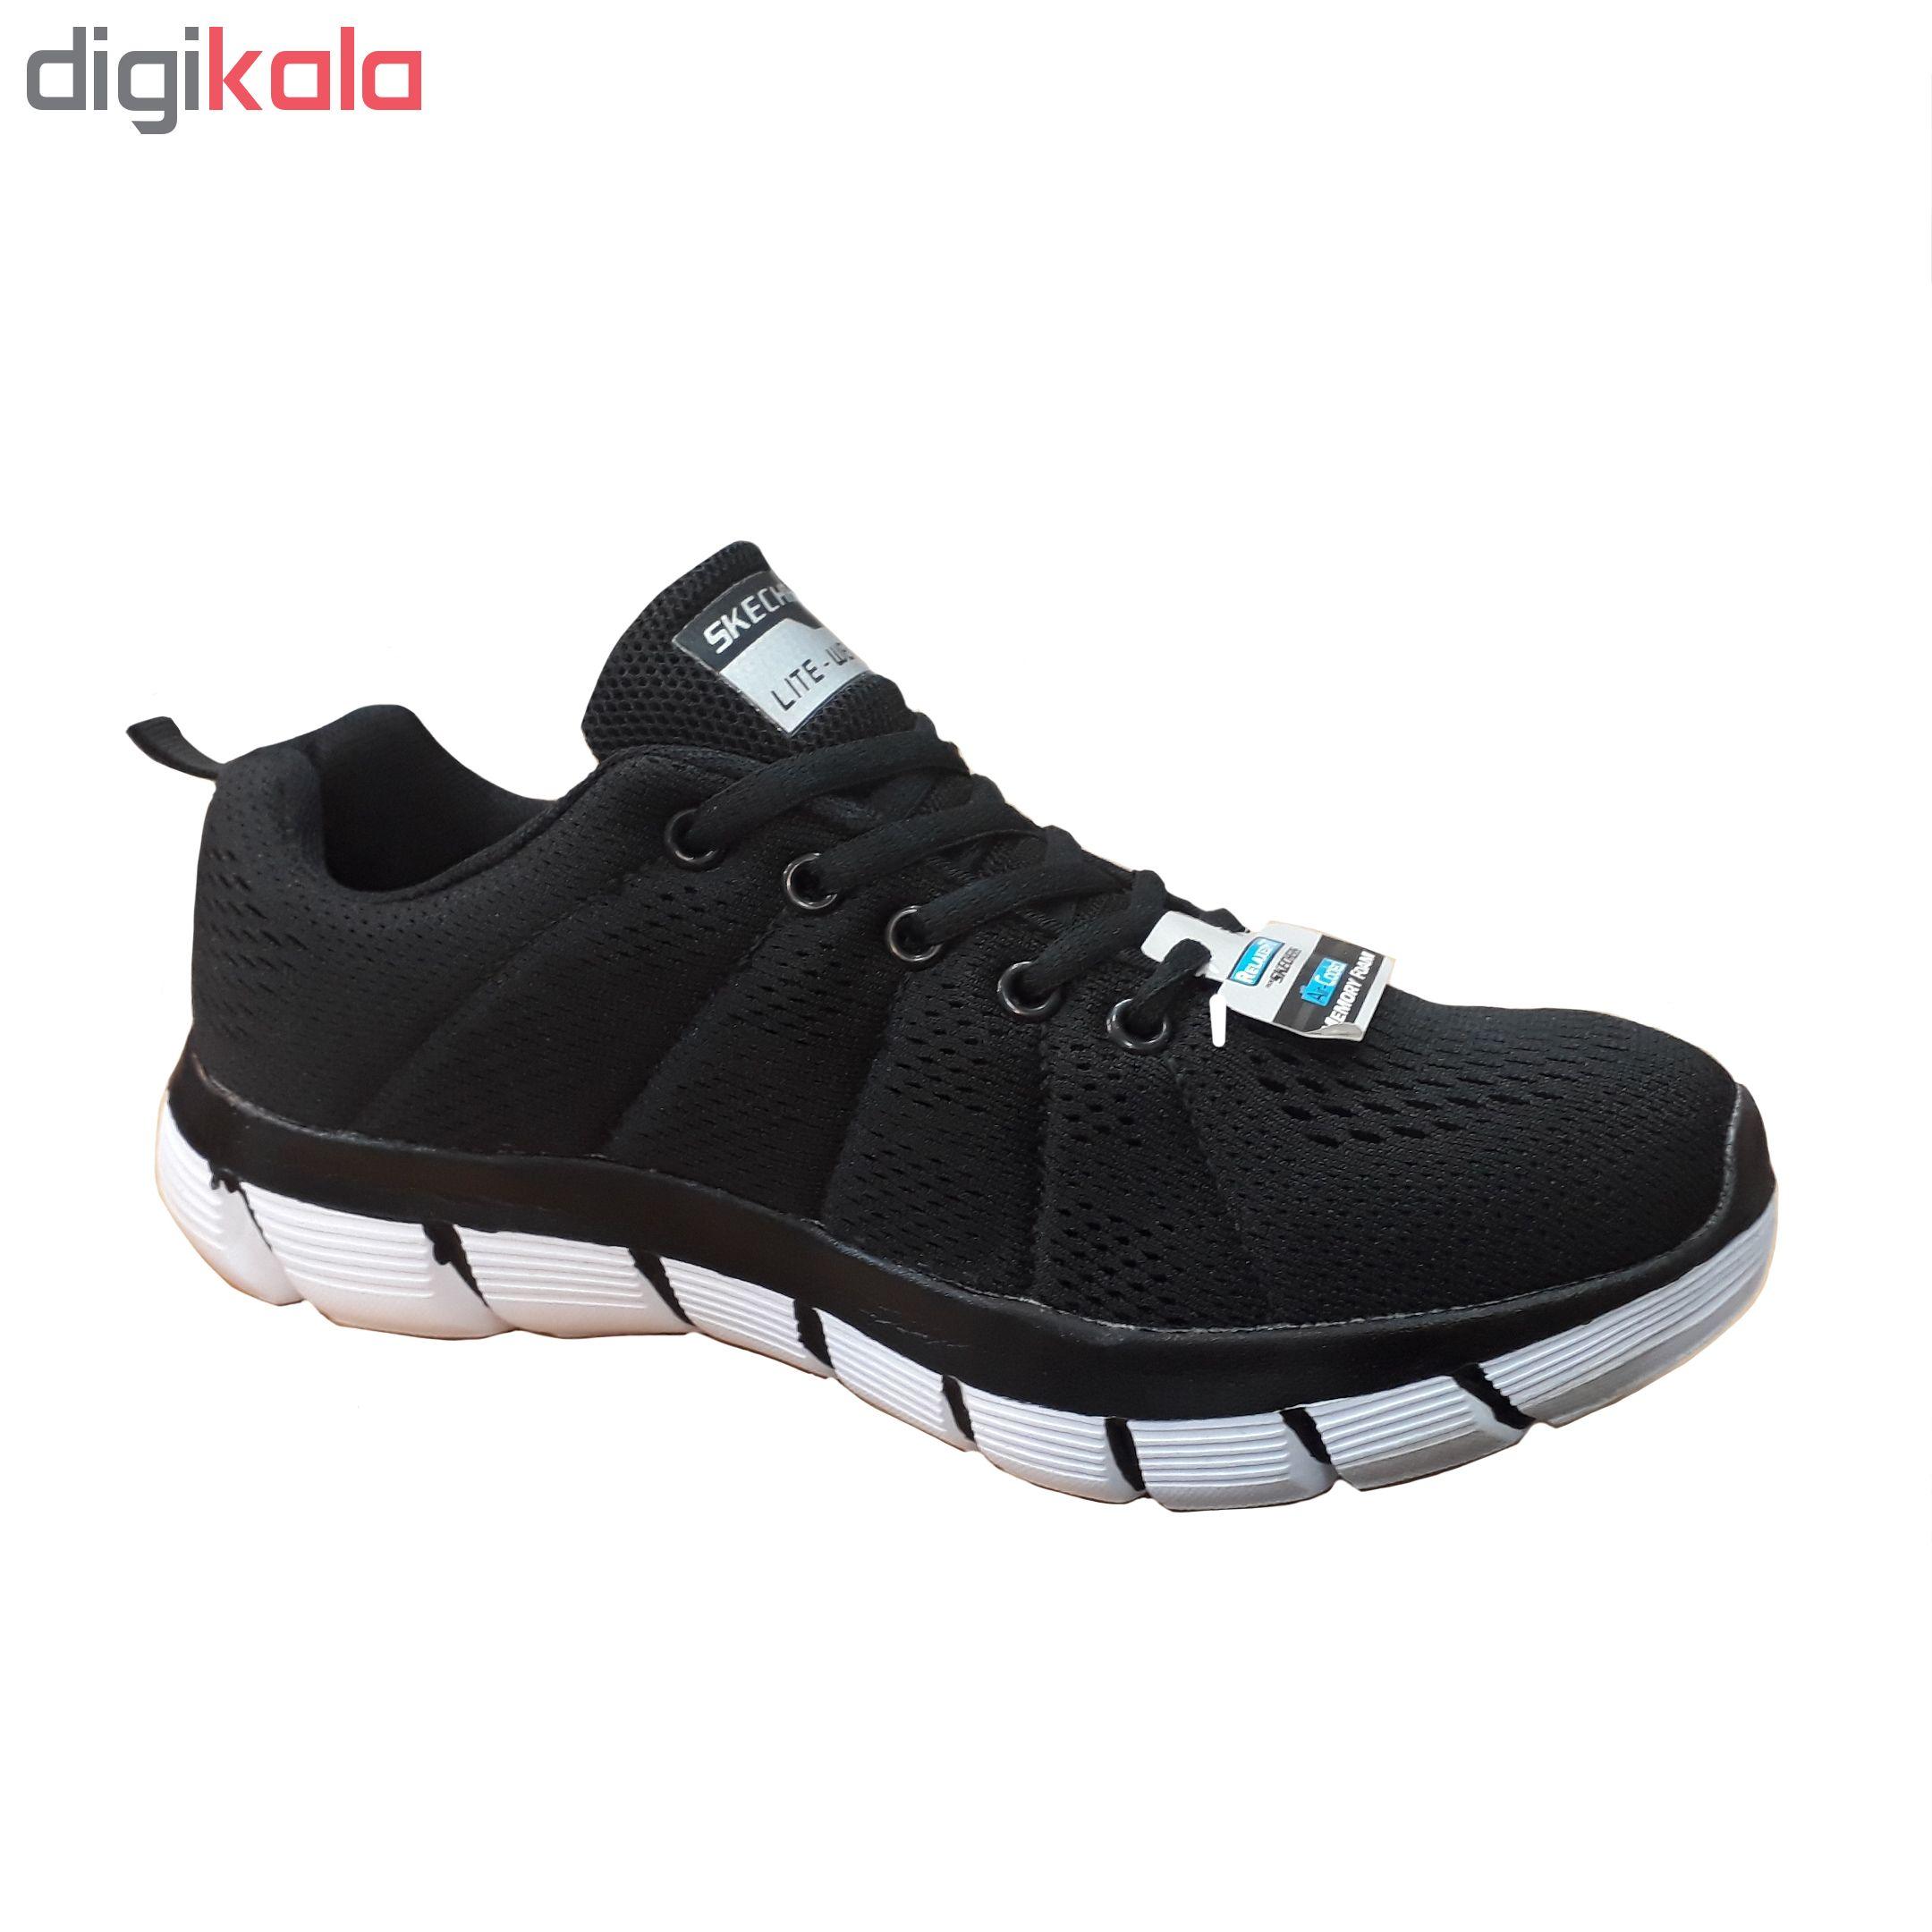 کفش مخصوص پیاده روی زنانه اسکچرز مدل Skech flex